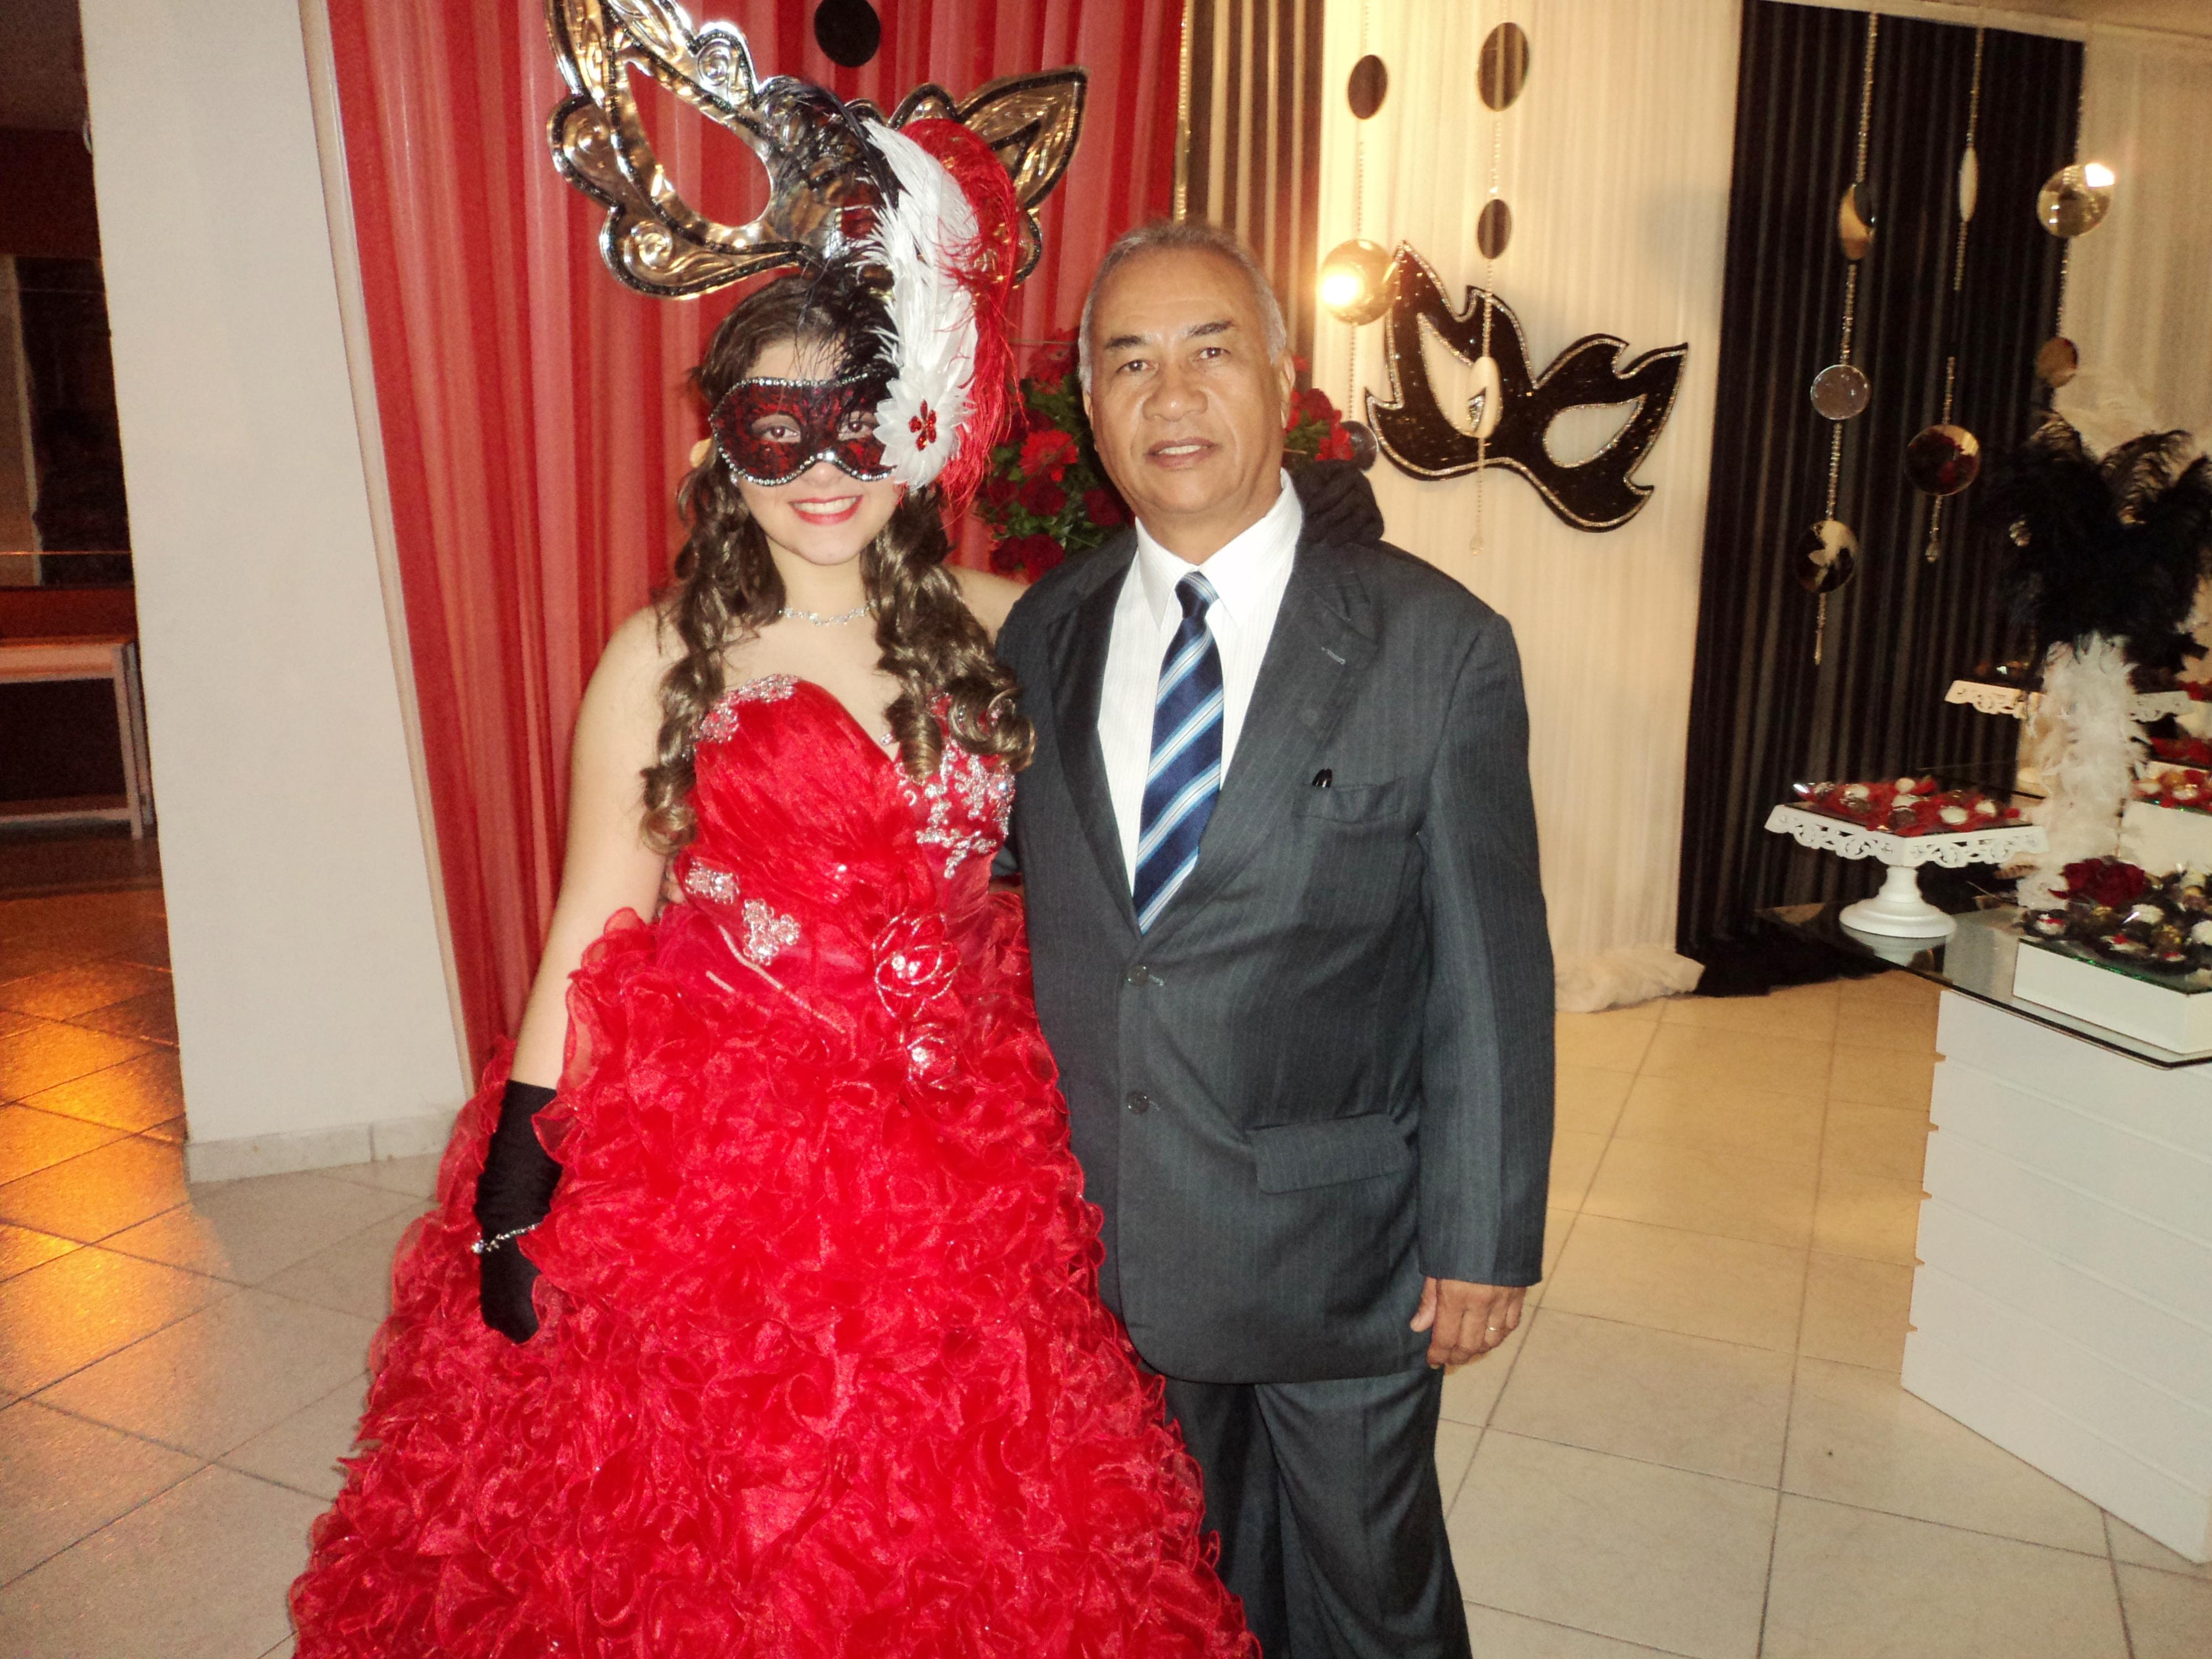 FOTO EXCELENTE DE TULIO COM GIULIA FANTASIA DO CERIMONIAL 31.8.13